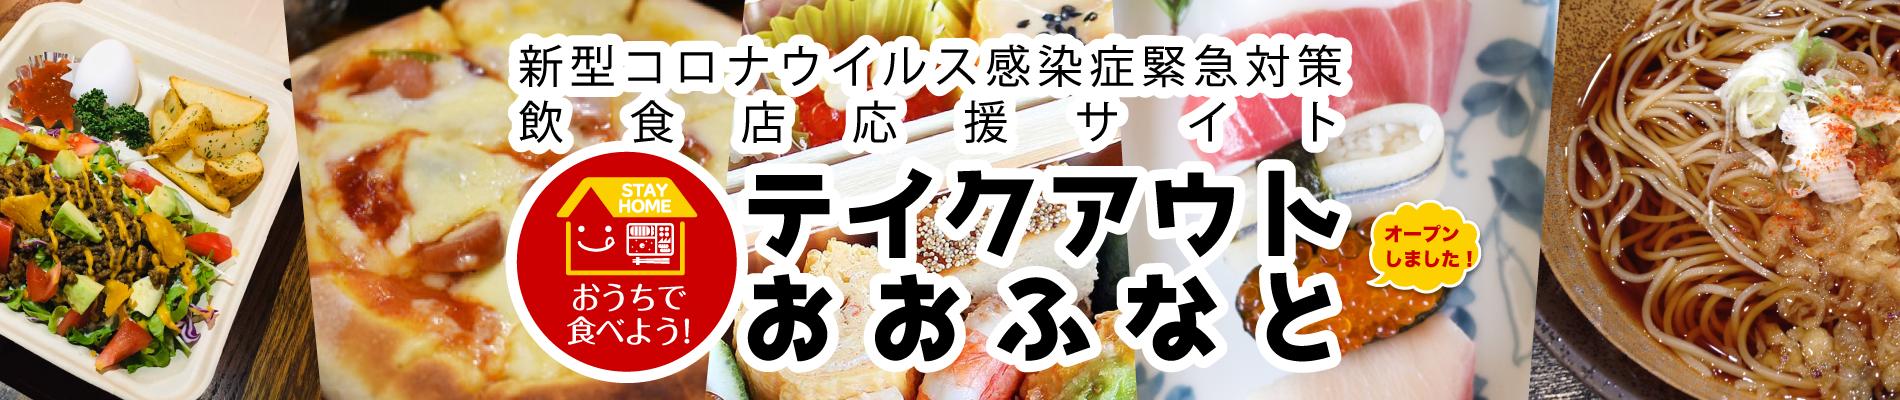 飲食店応援サイト